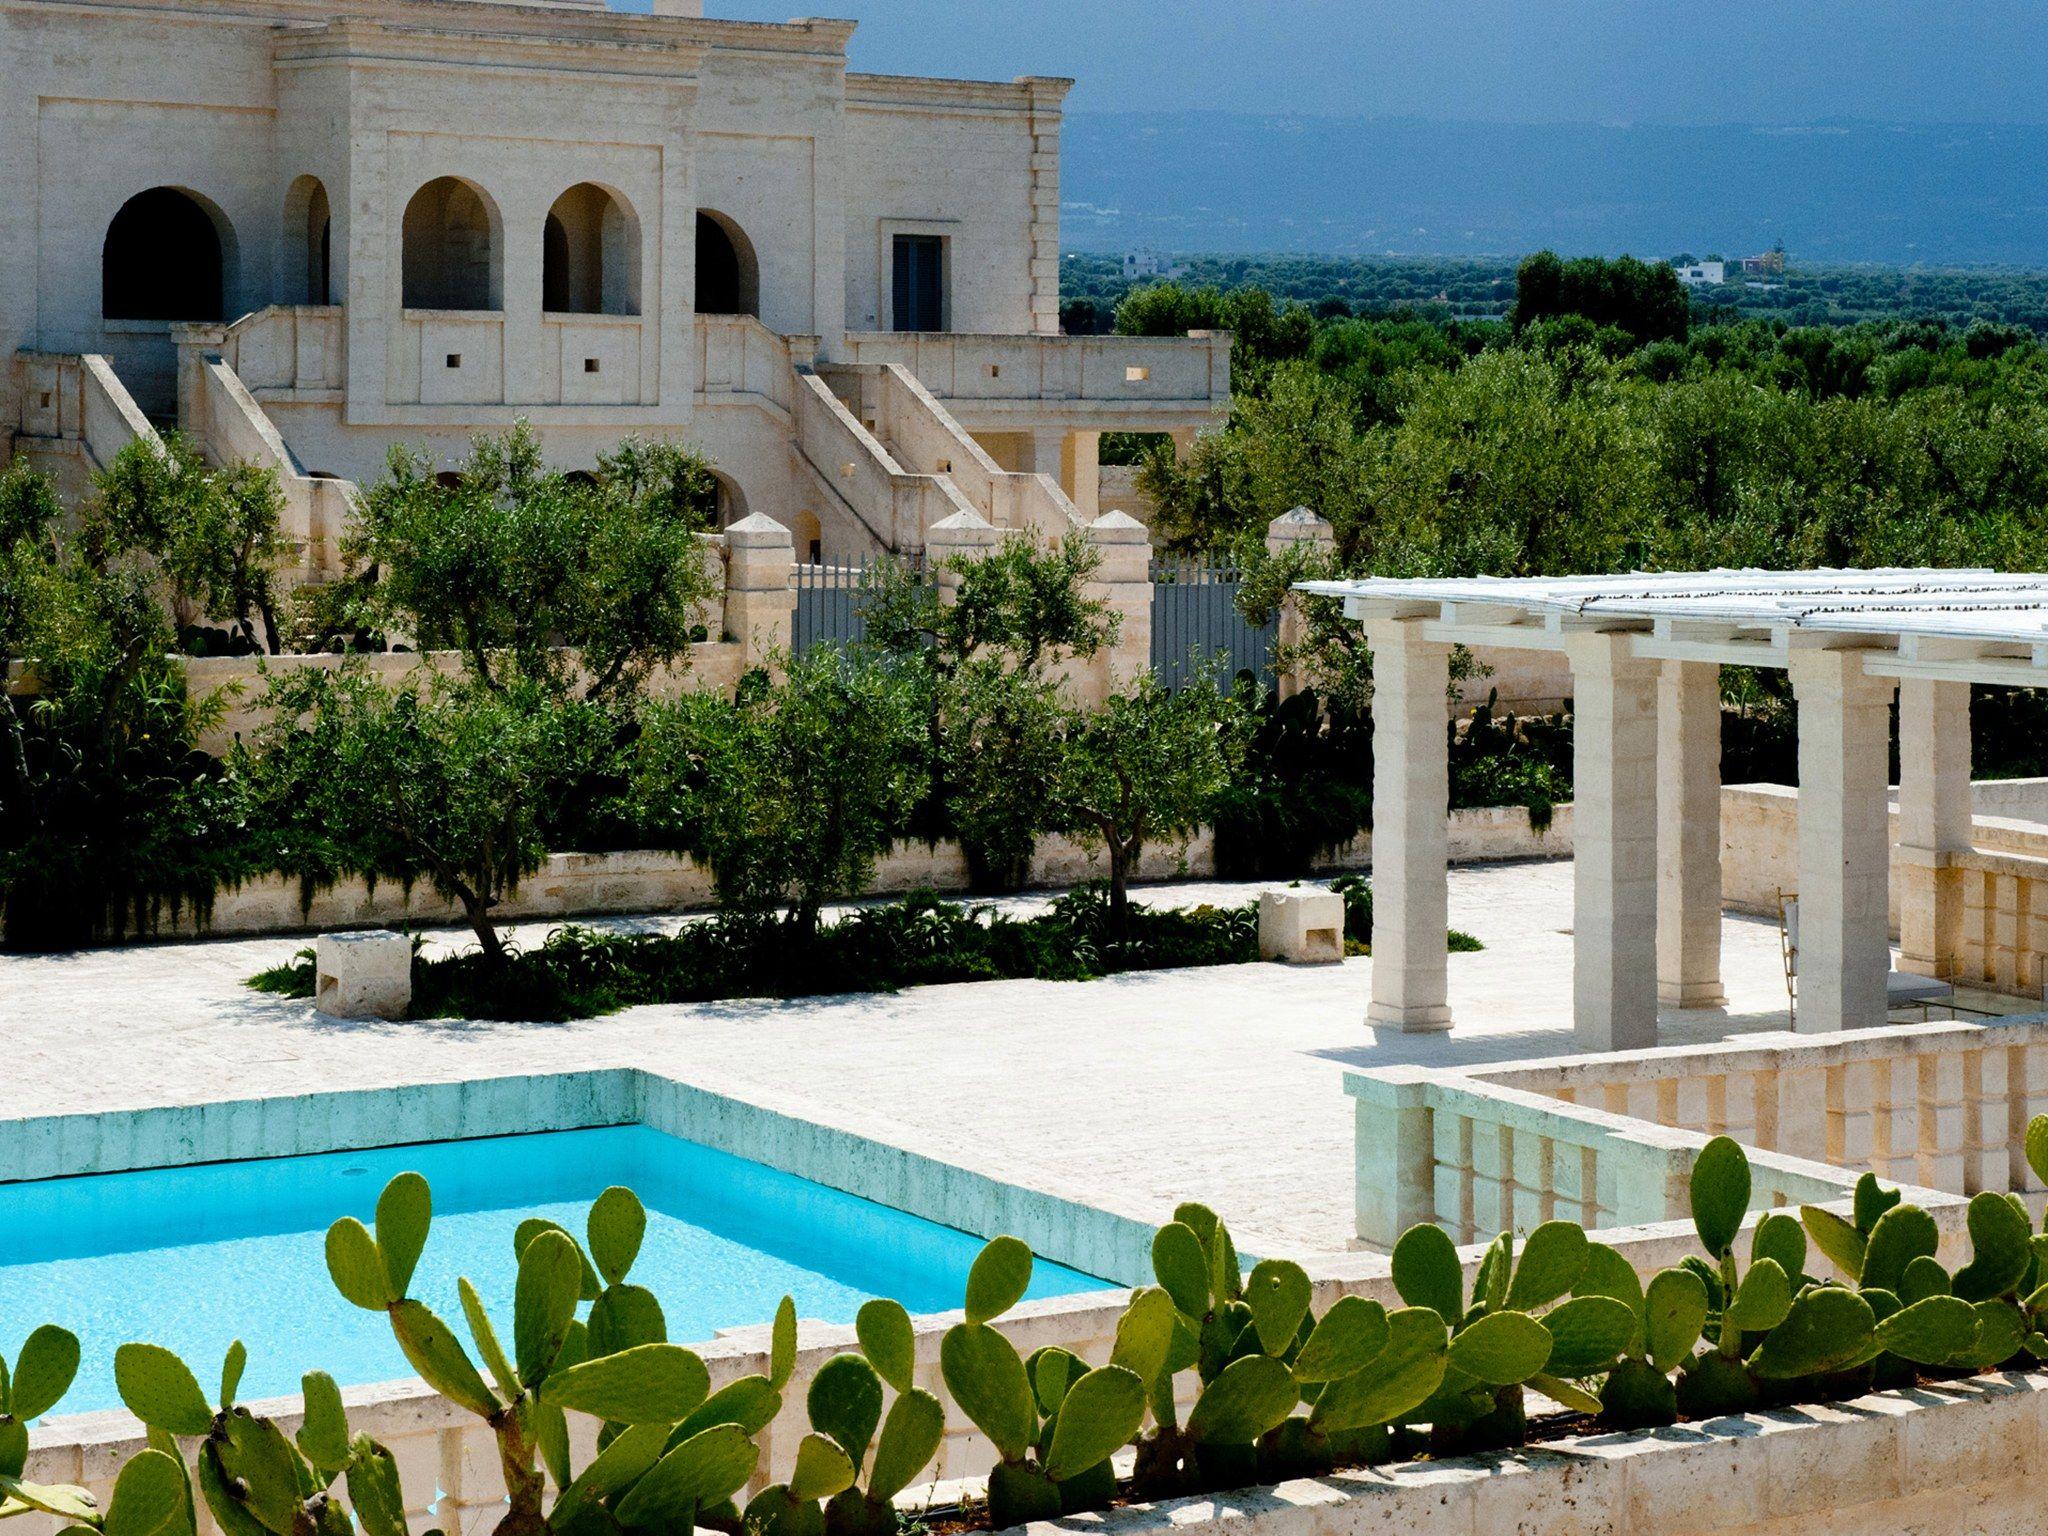 Borgo Egnazia Savelletri Italy Destination Spa Review Puglia Seaside Hotel Italian Villa